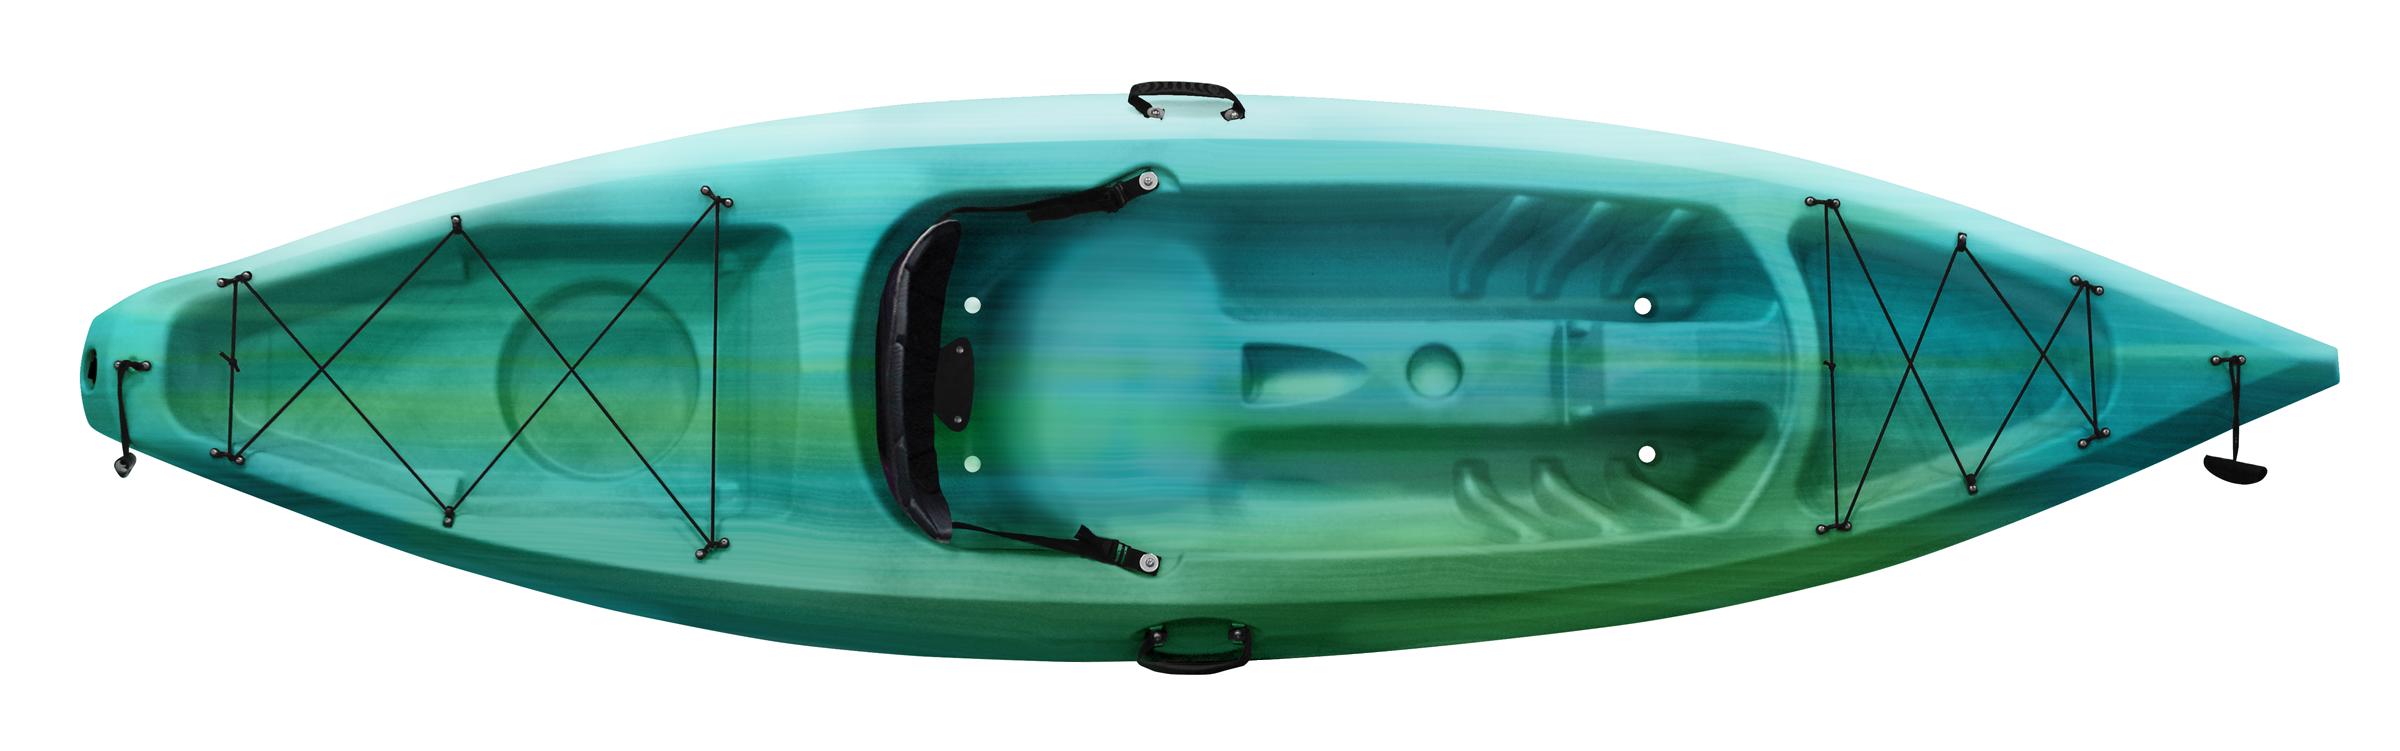 Kayaks: Explorer 10.4 by Future Beach - Image 3702